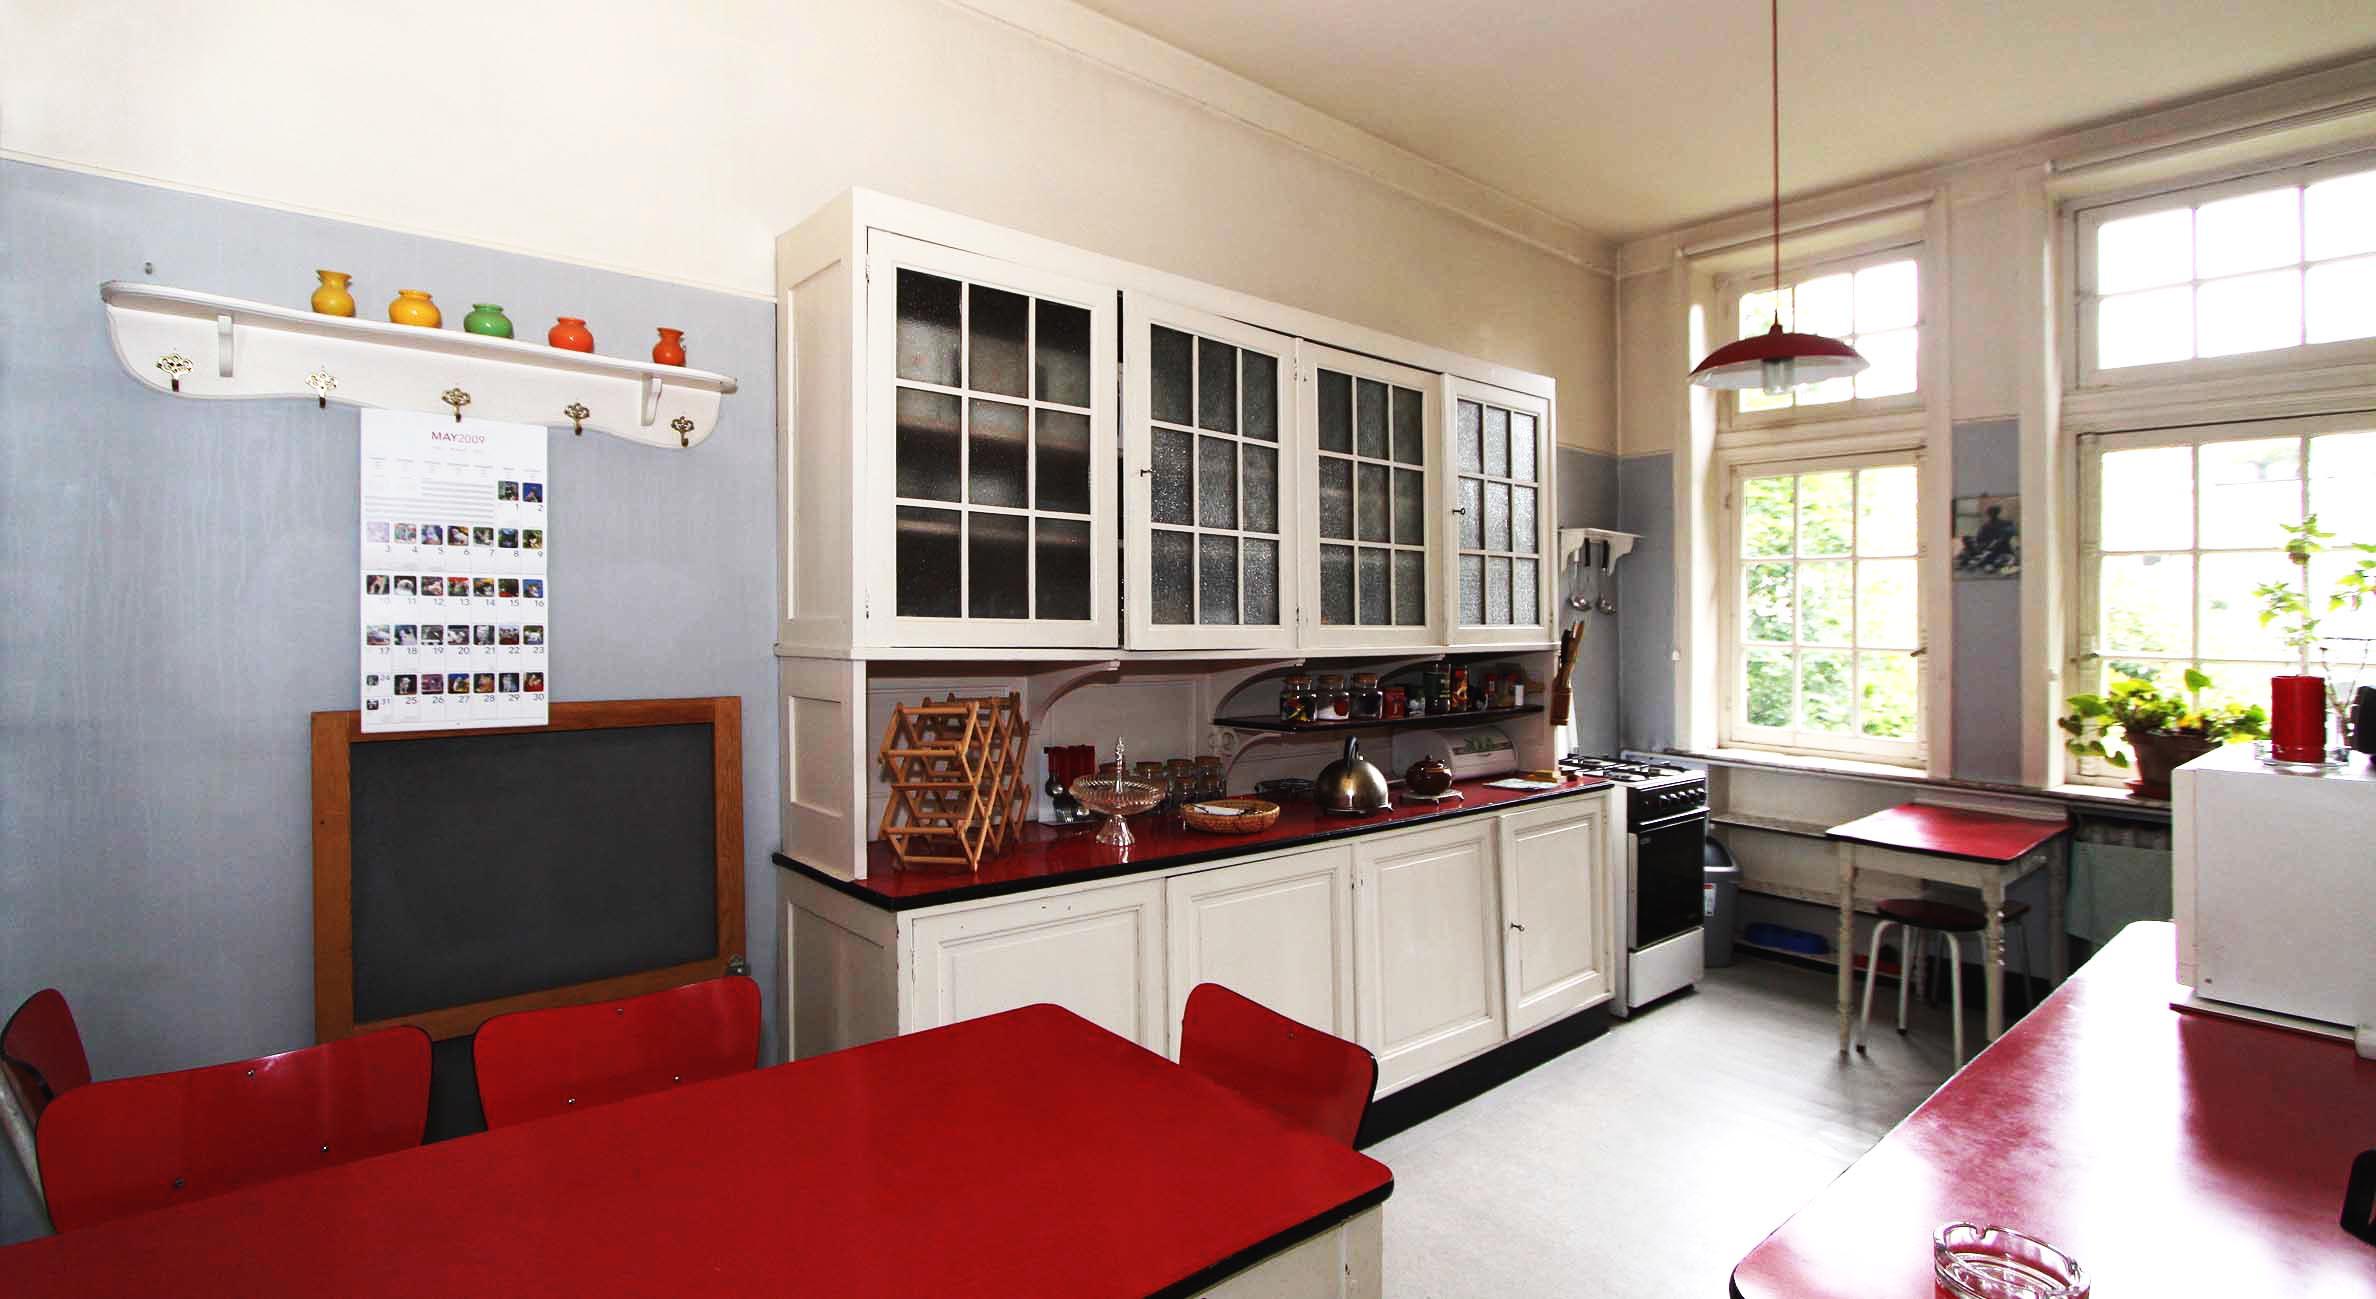 Location appartement Metz : vivre dans un lieu agréable